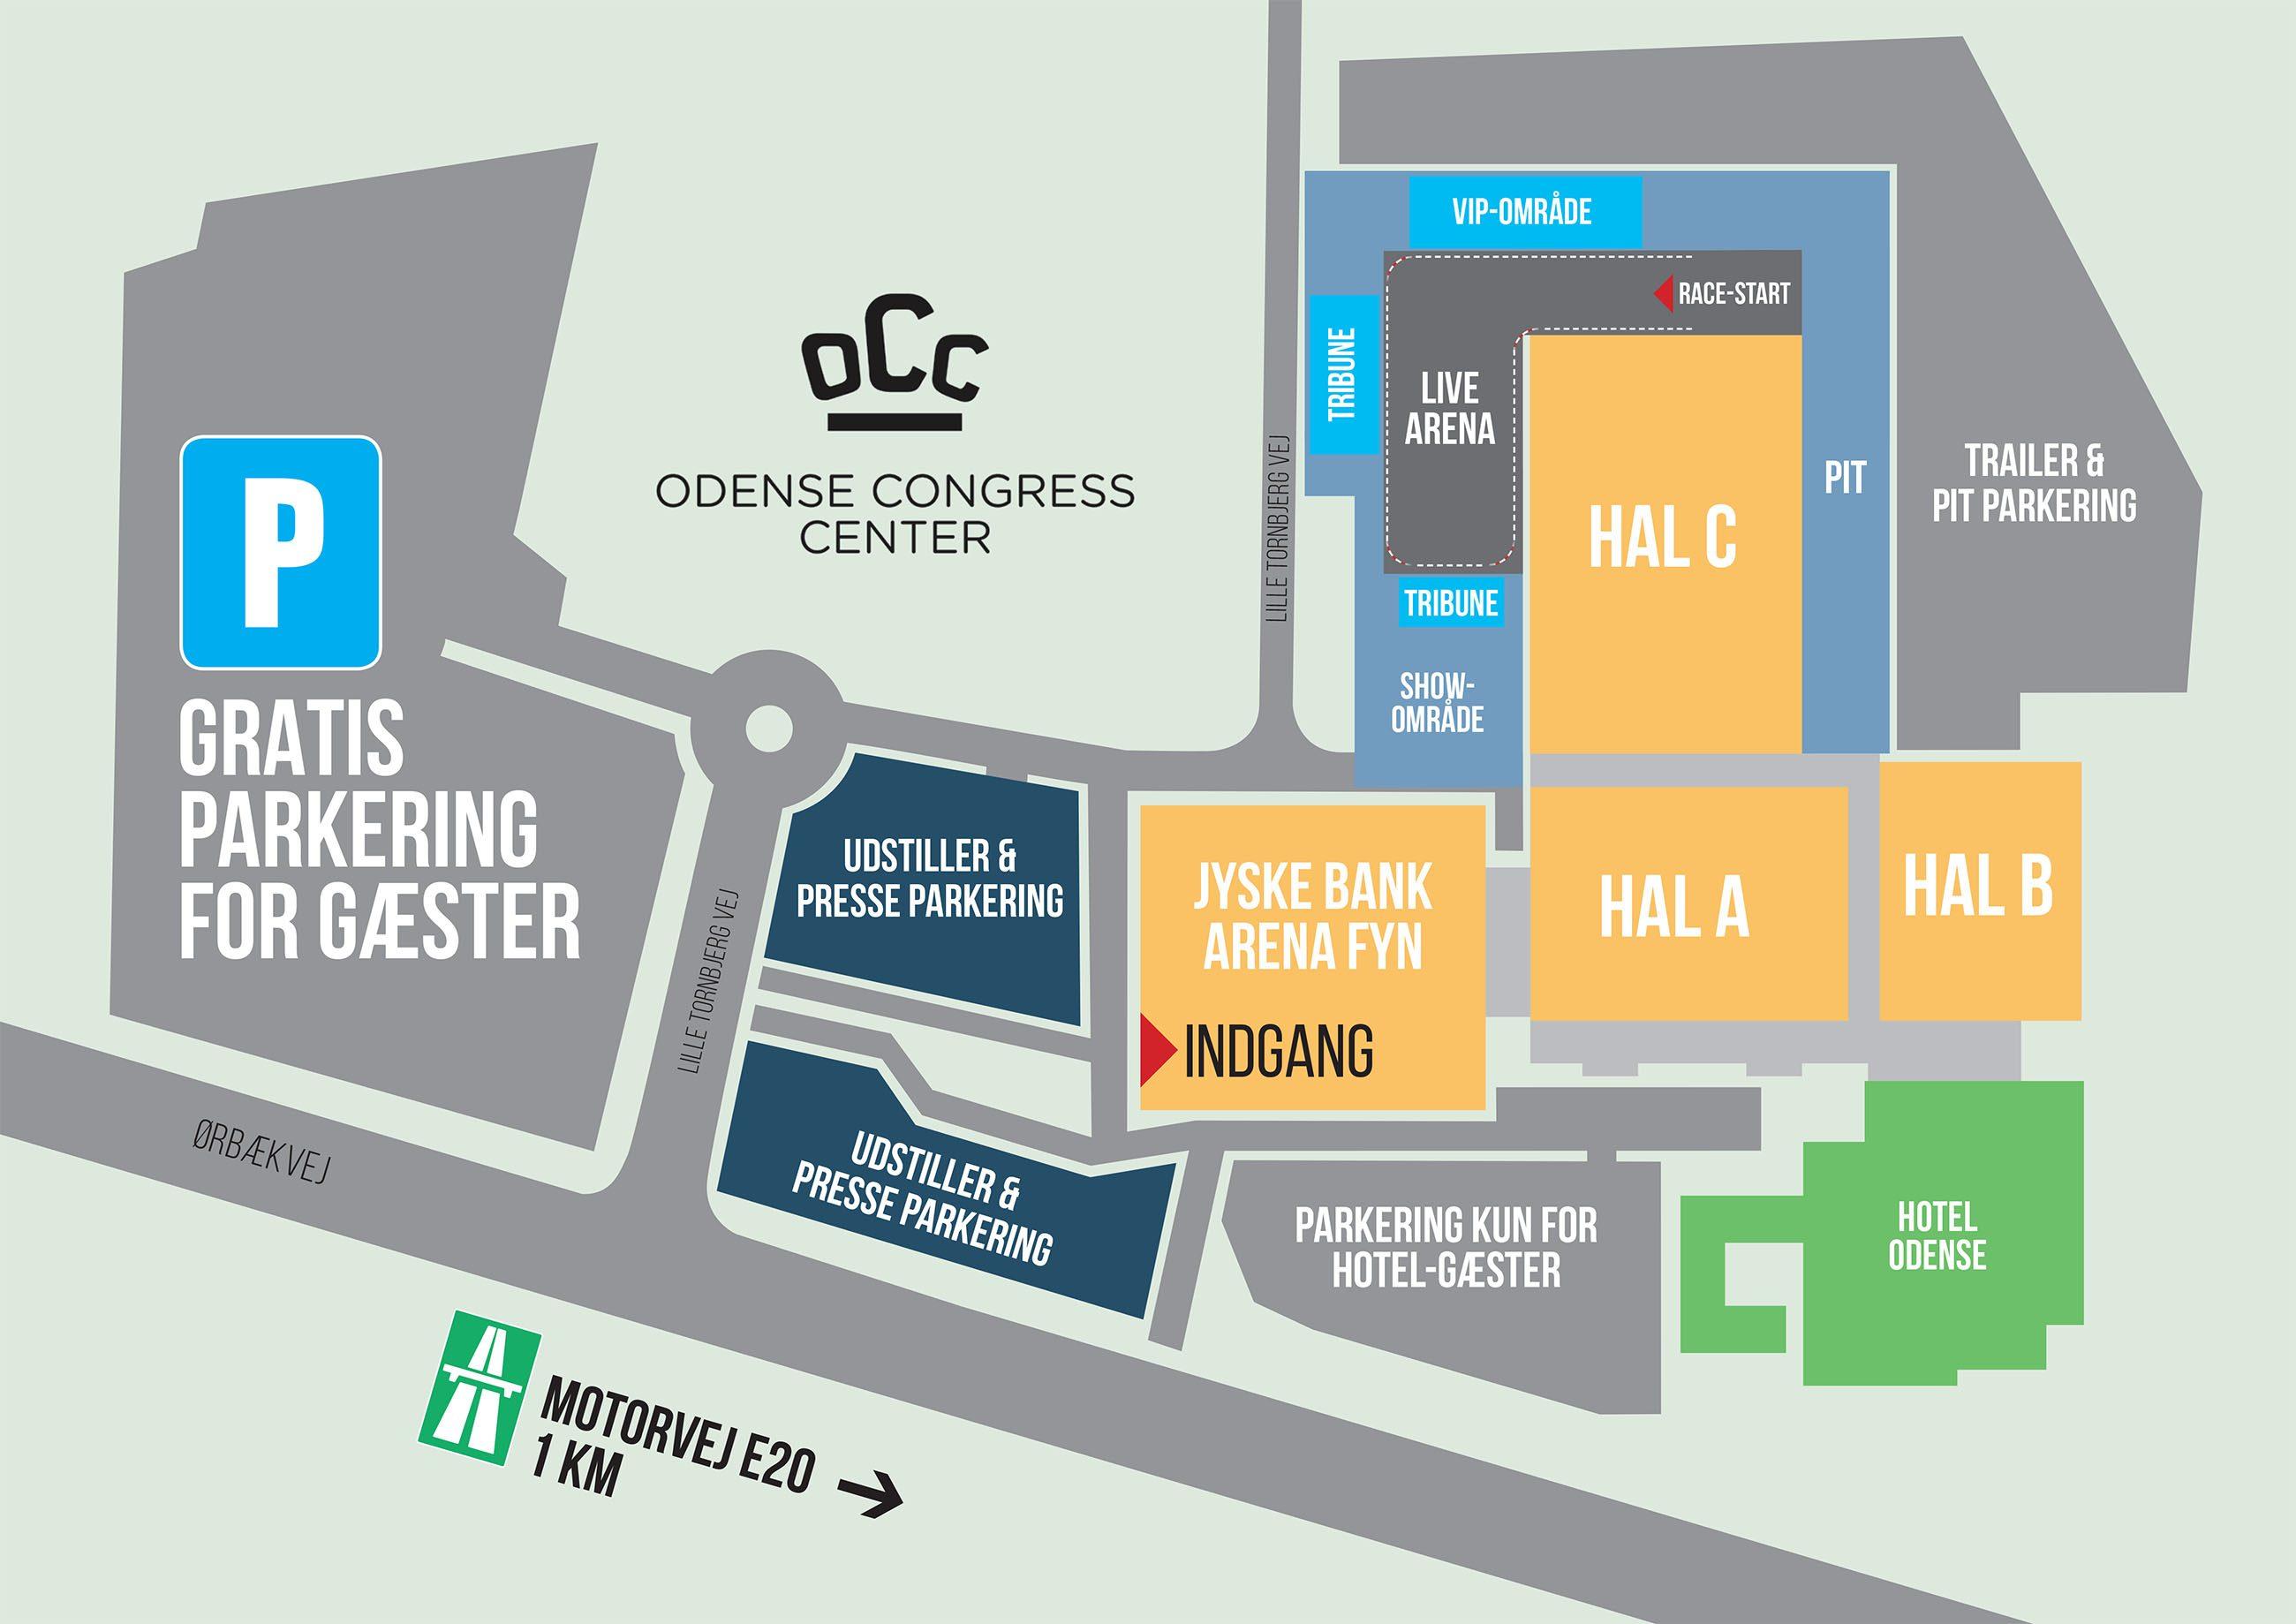 Kort over Auto Show 2019 i Odense Congress Center